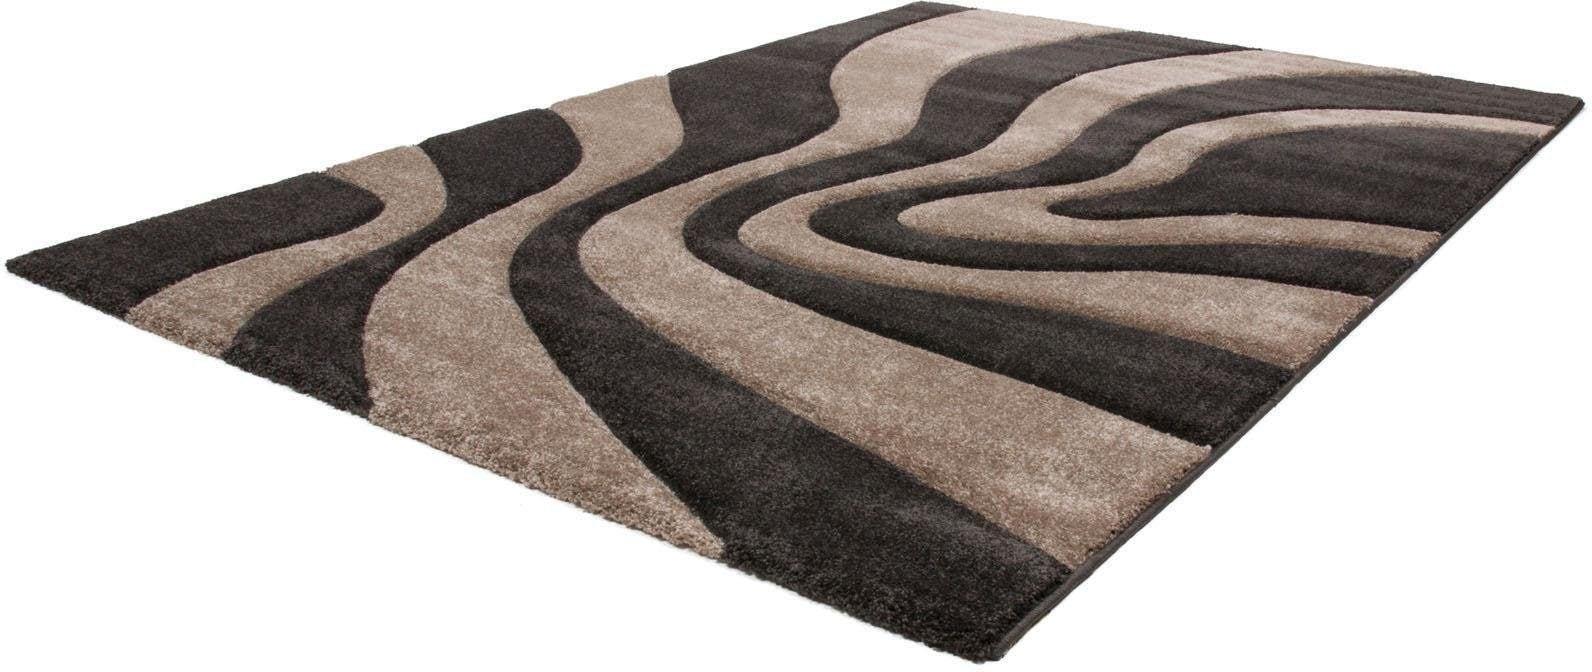 Teppich Alxios 550 calo-deluxe rechteckig Höhe 17 mm maschinell gewebt